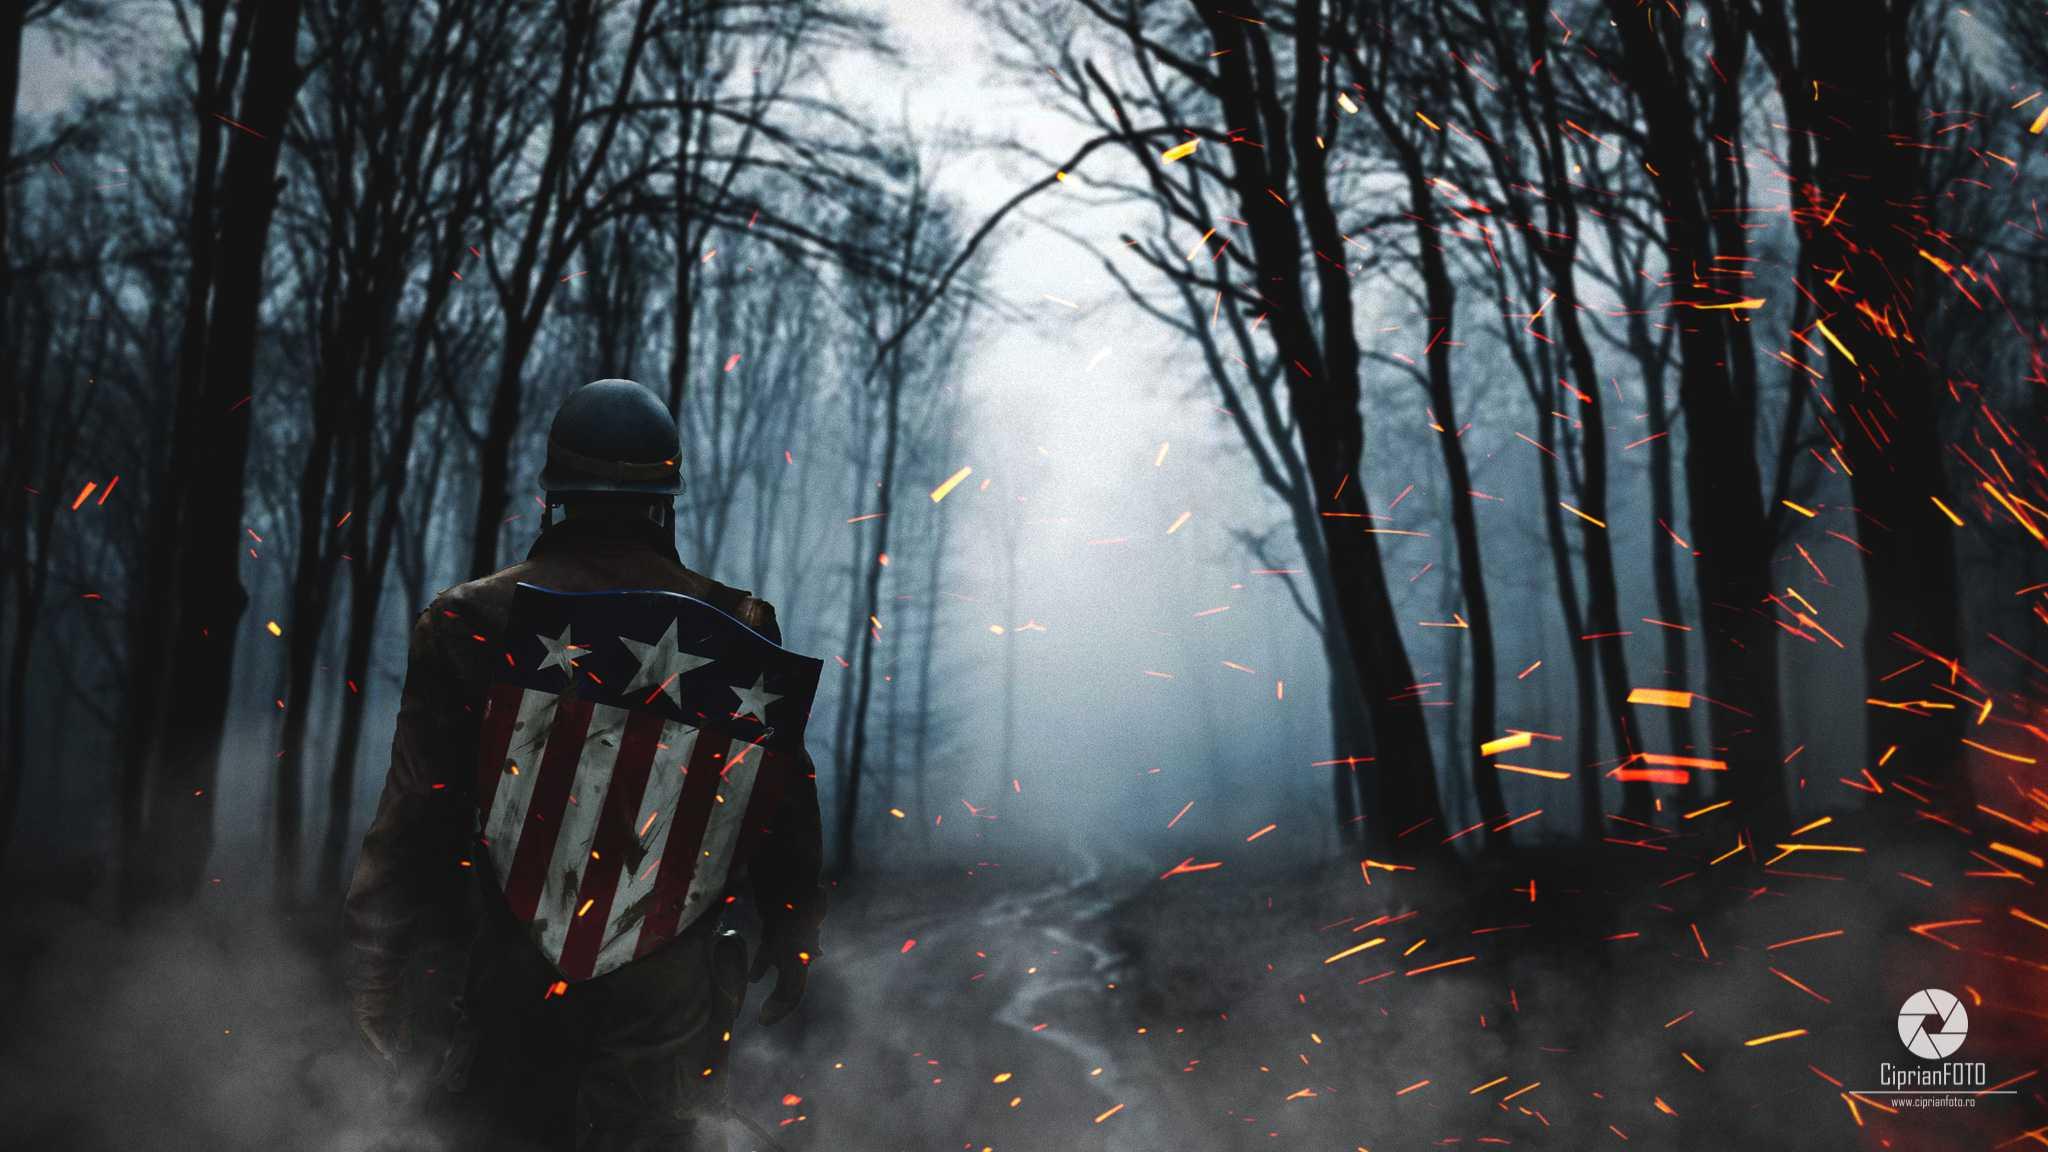 The War Is Over, Photoshop Manipulation Tutorial, CiprianFOTO